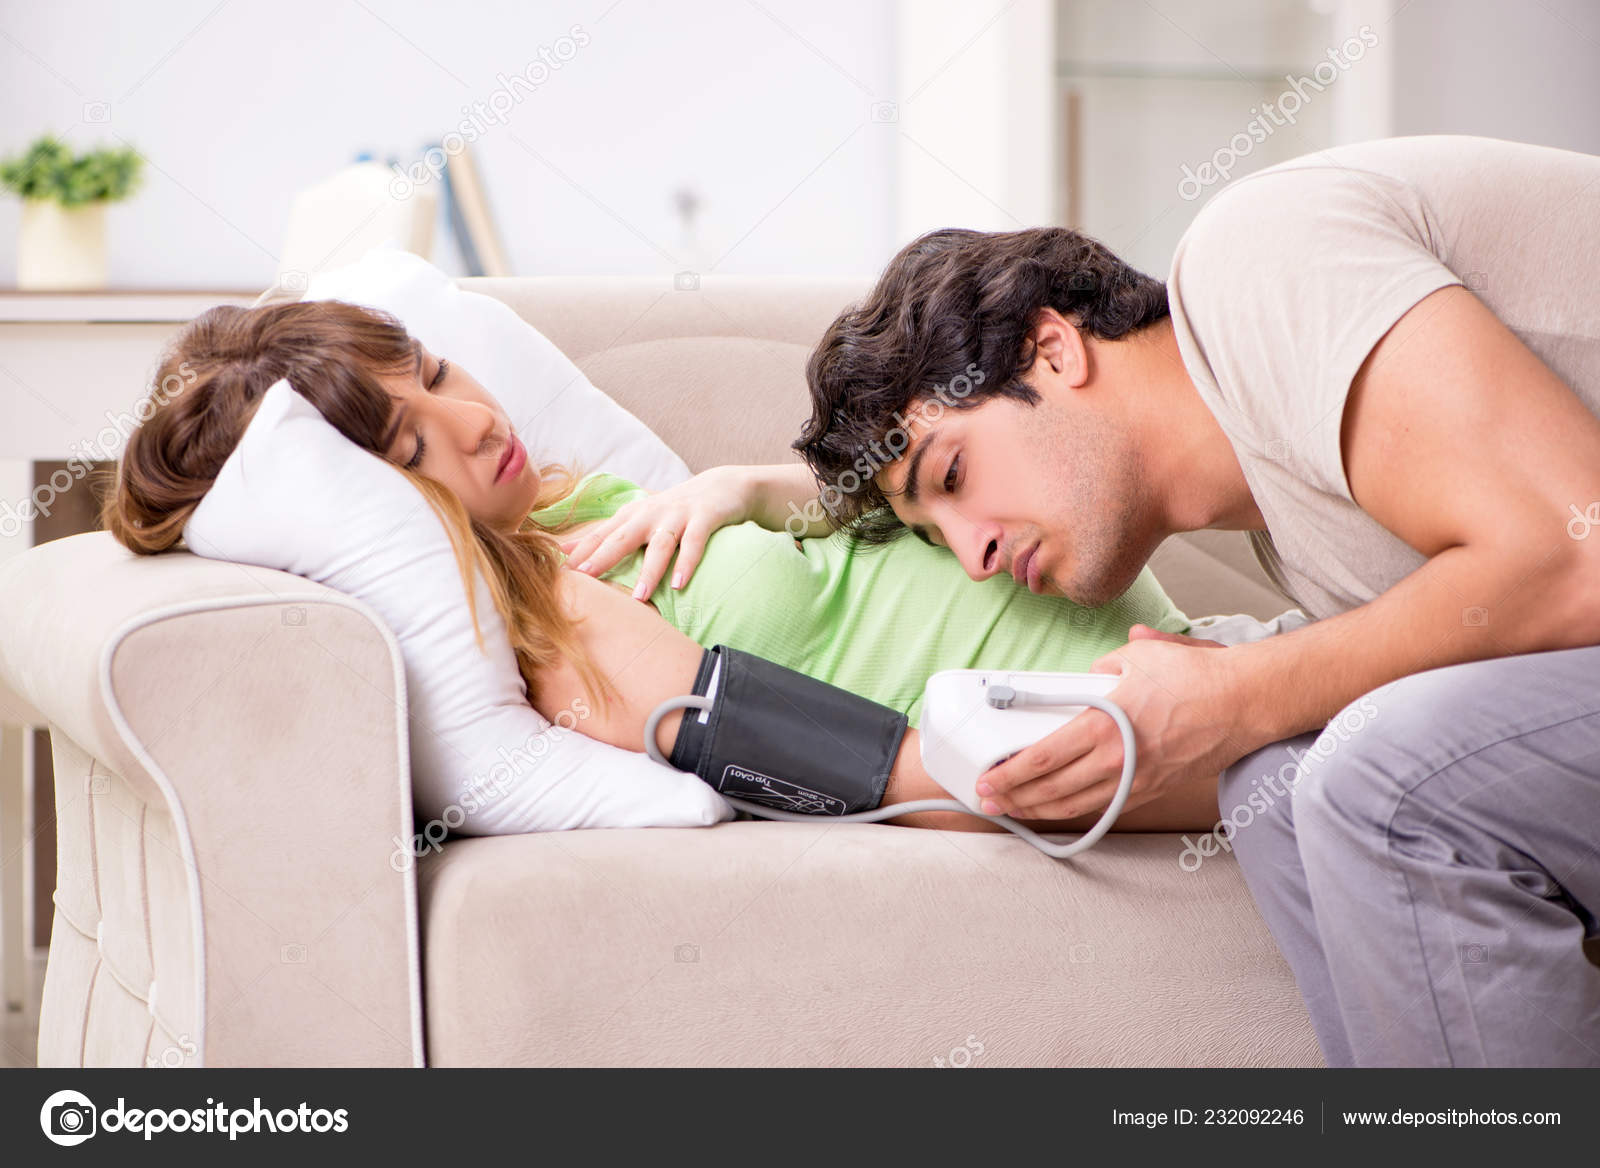 Секс муж жена подглядывание, Бесплатное порно Муж подглядывает за женой 25 фотография